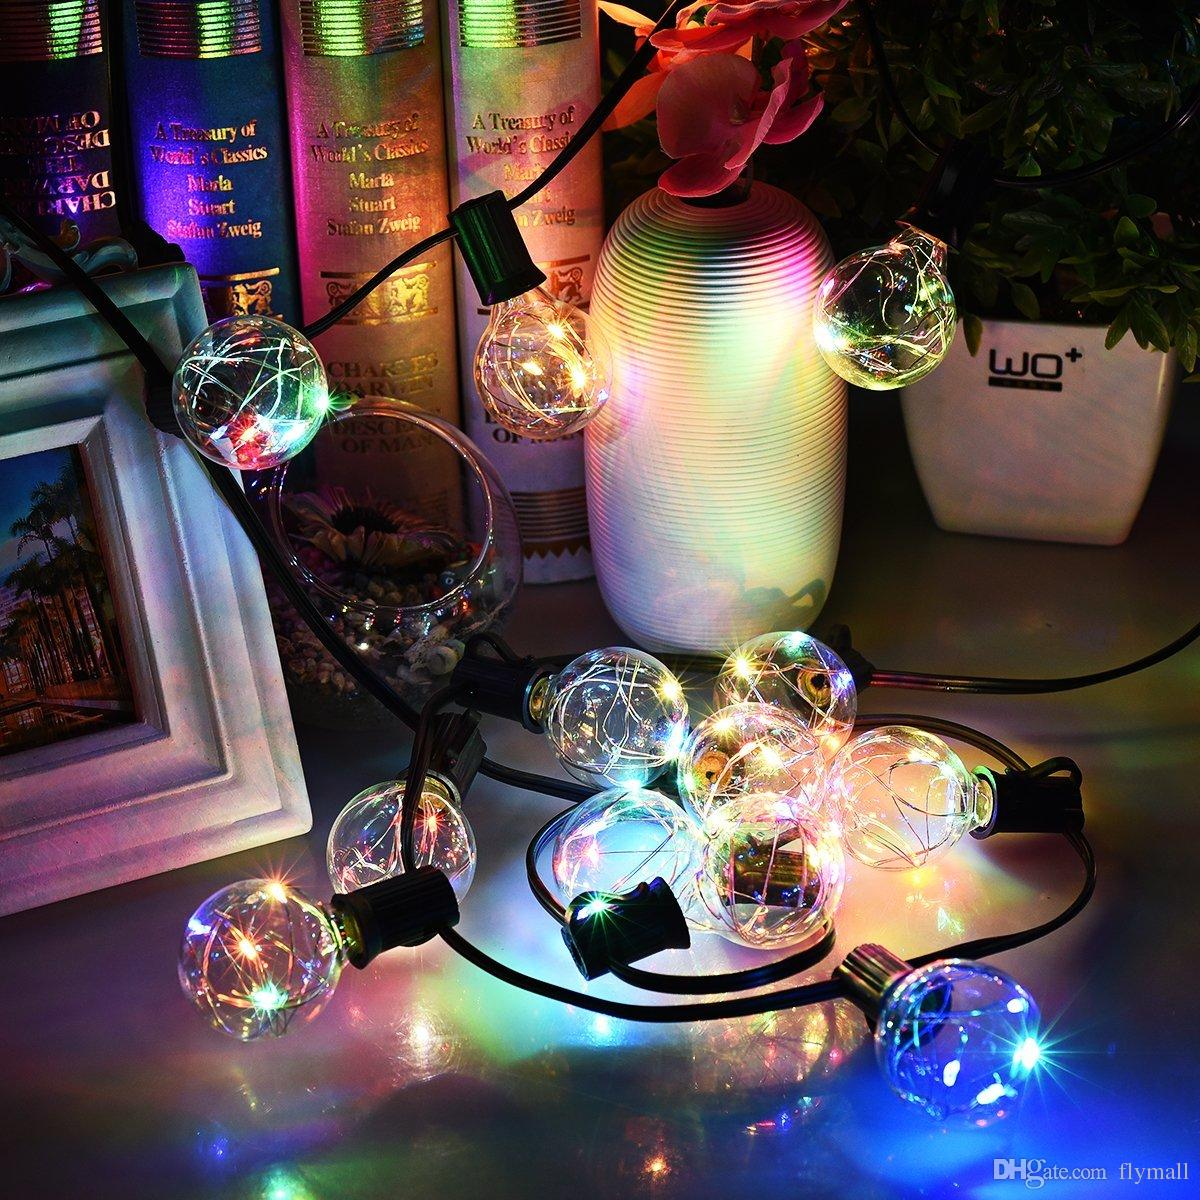 G40 Noel Işıkları Dünya Dize Işık 25LED Ampul Bahçe için Açık Dekoratif Bakır Tel Dize Işıkları, Patios, Ev Dekor, Düğün